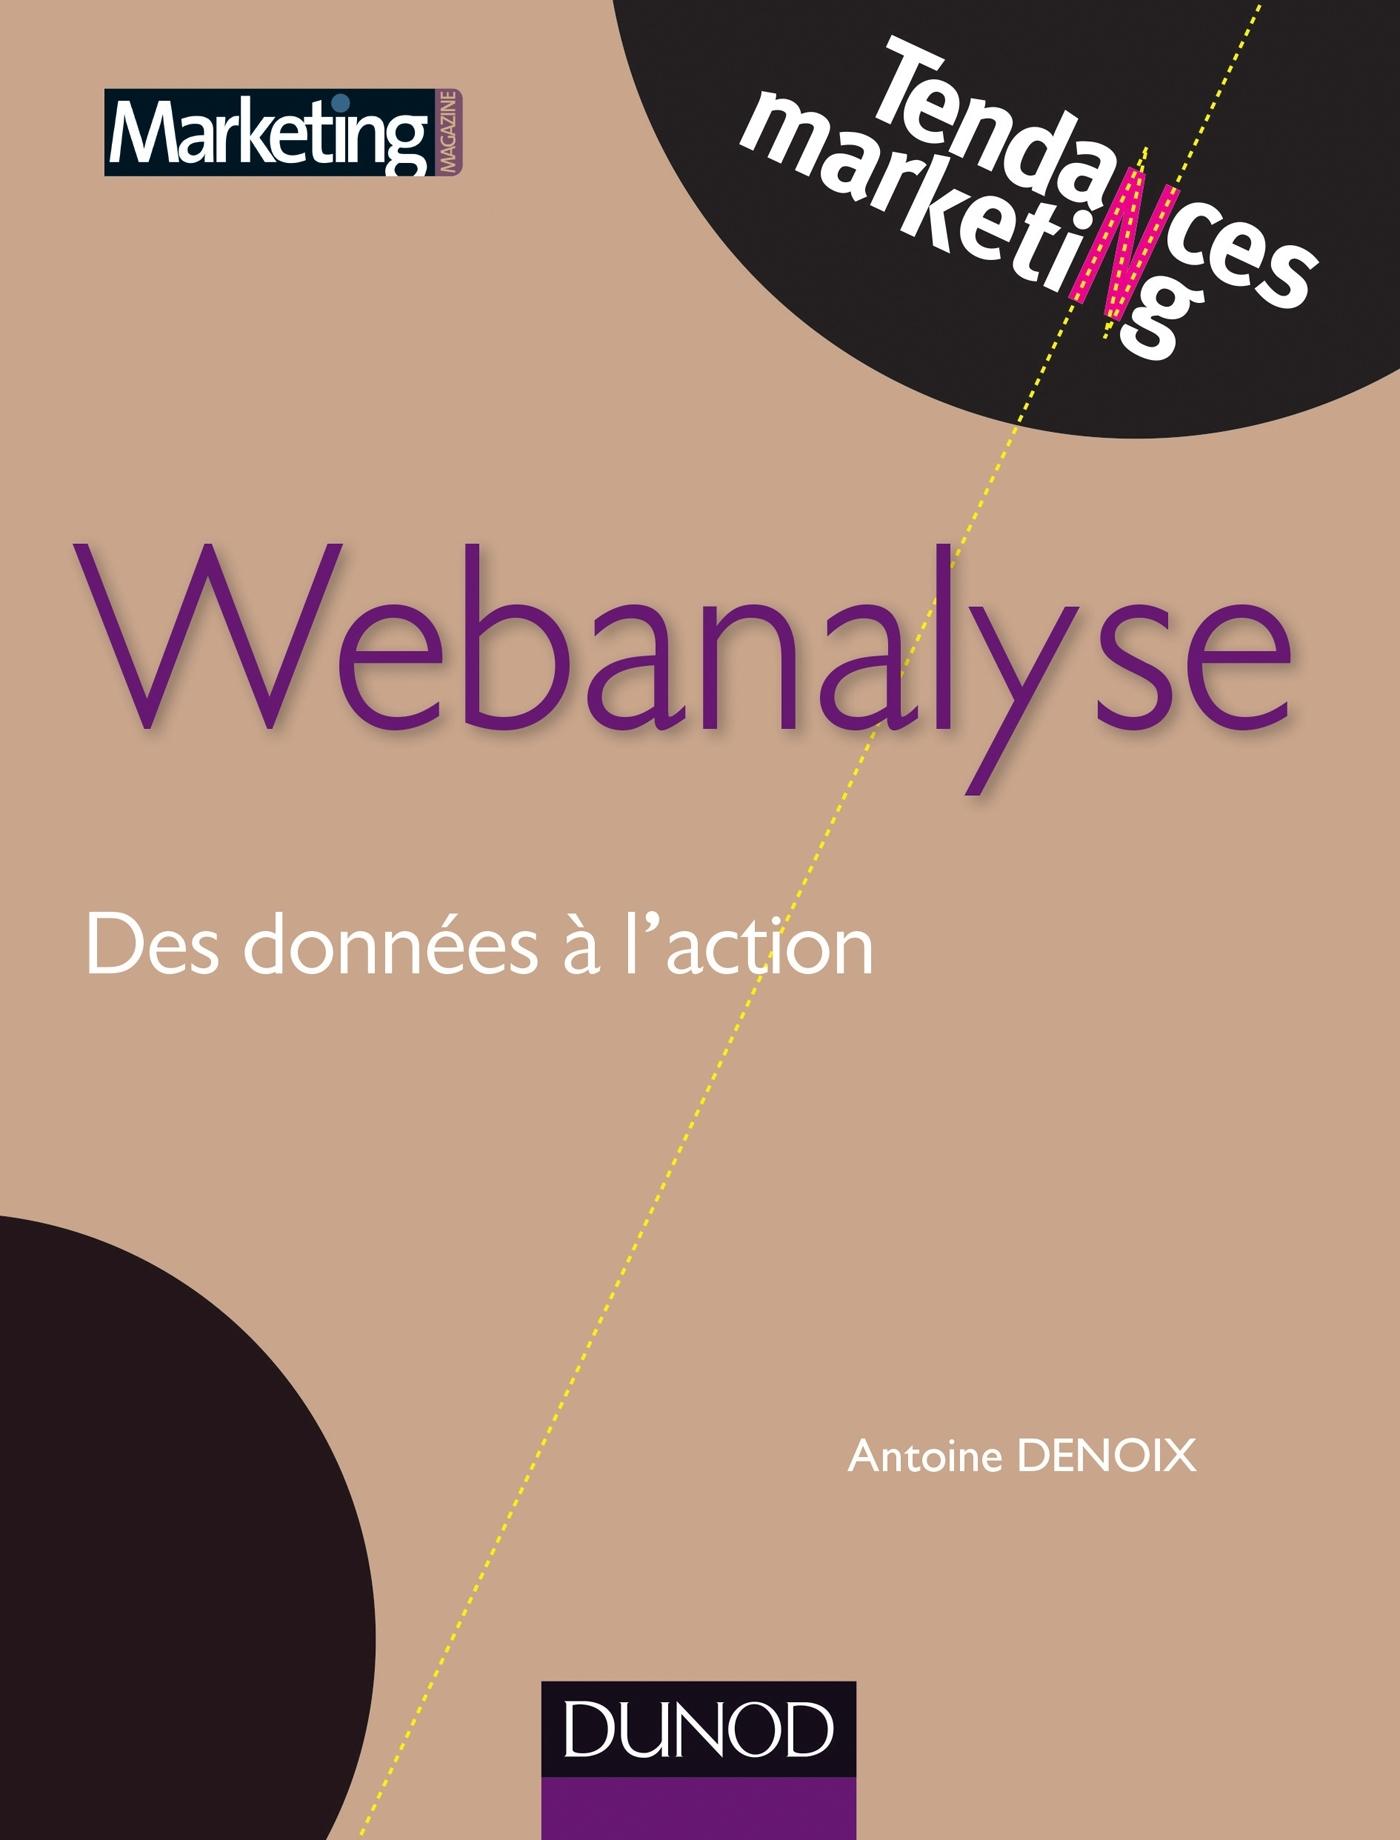 WEBANALYSE - DES DONNEES A L'ACTION